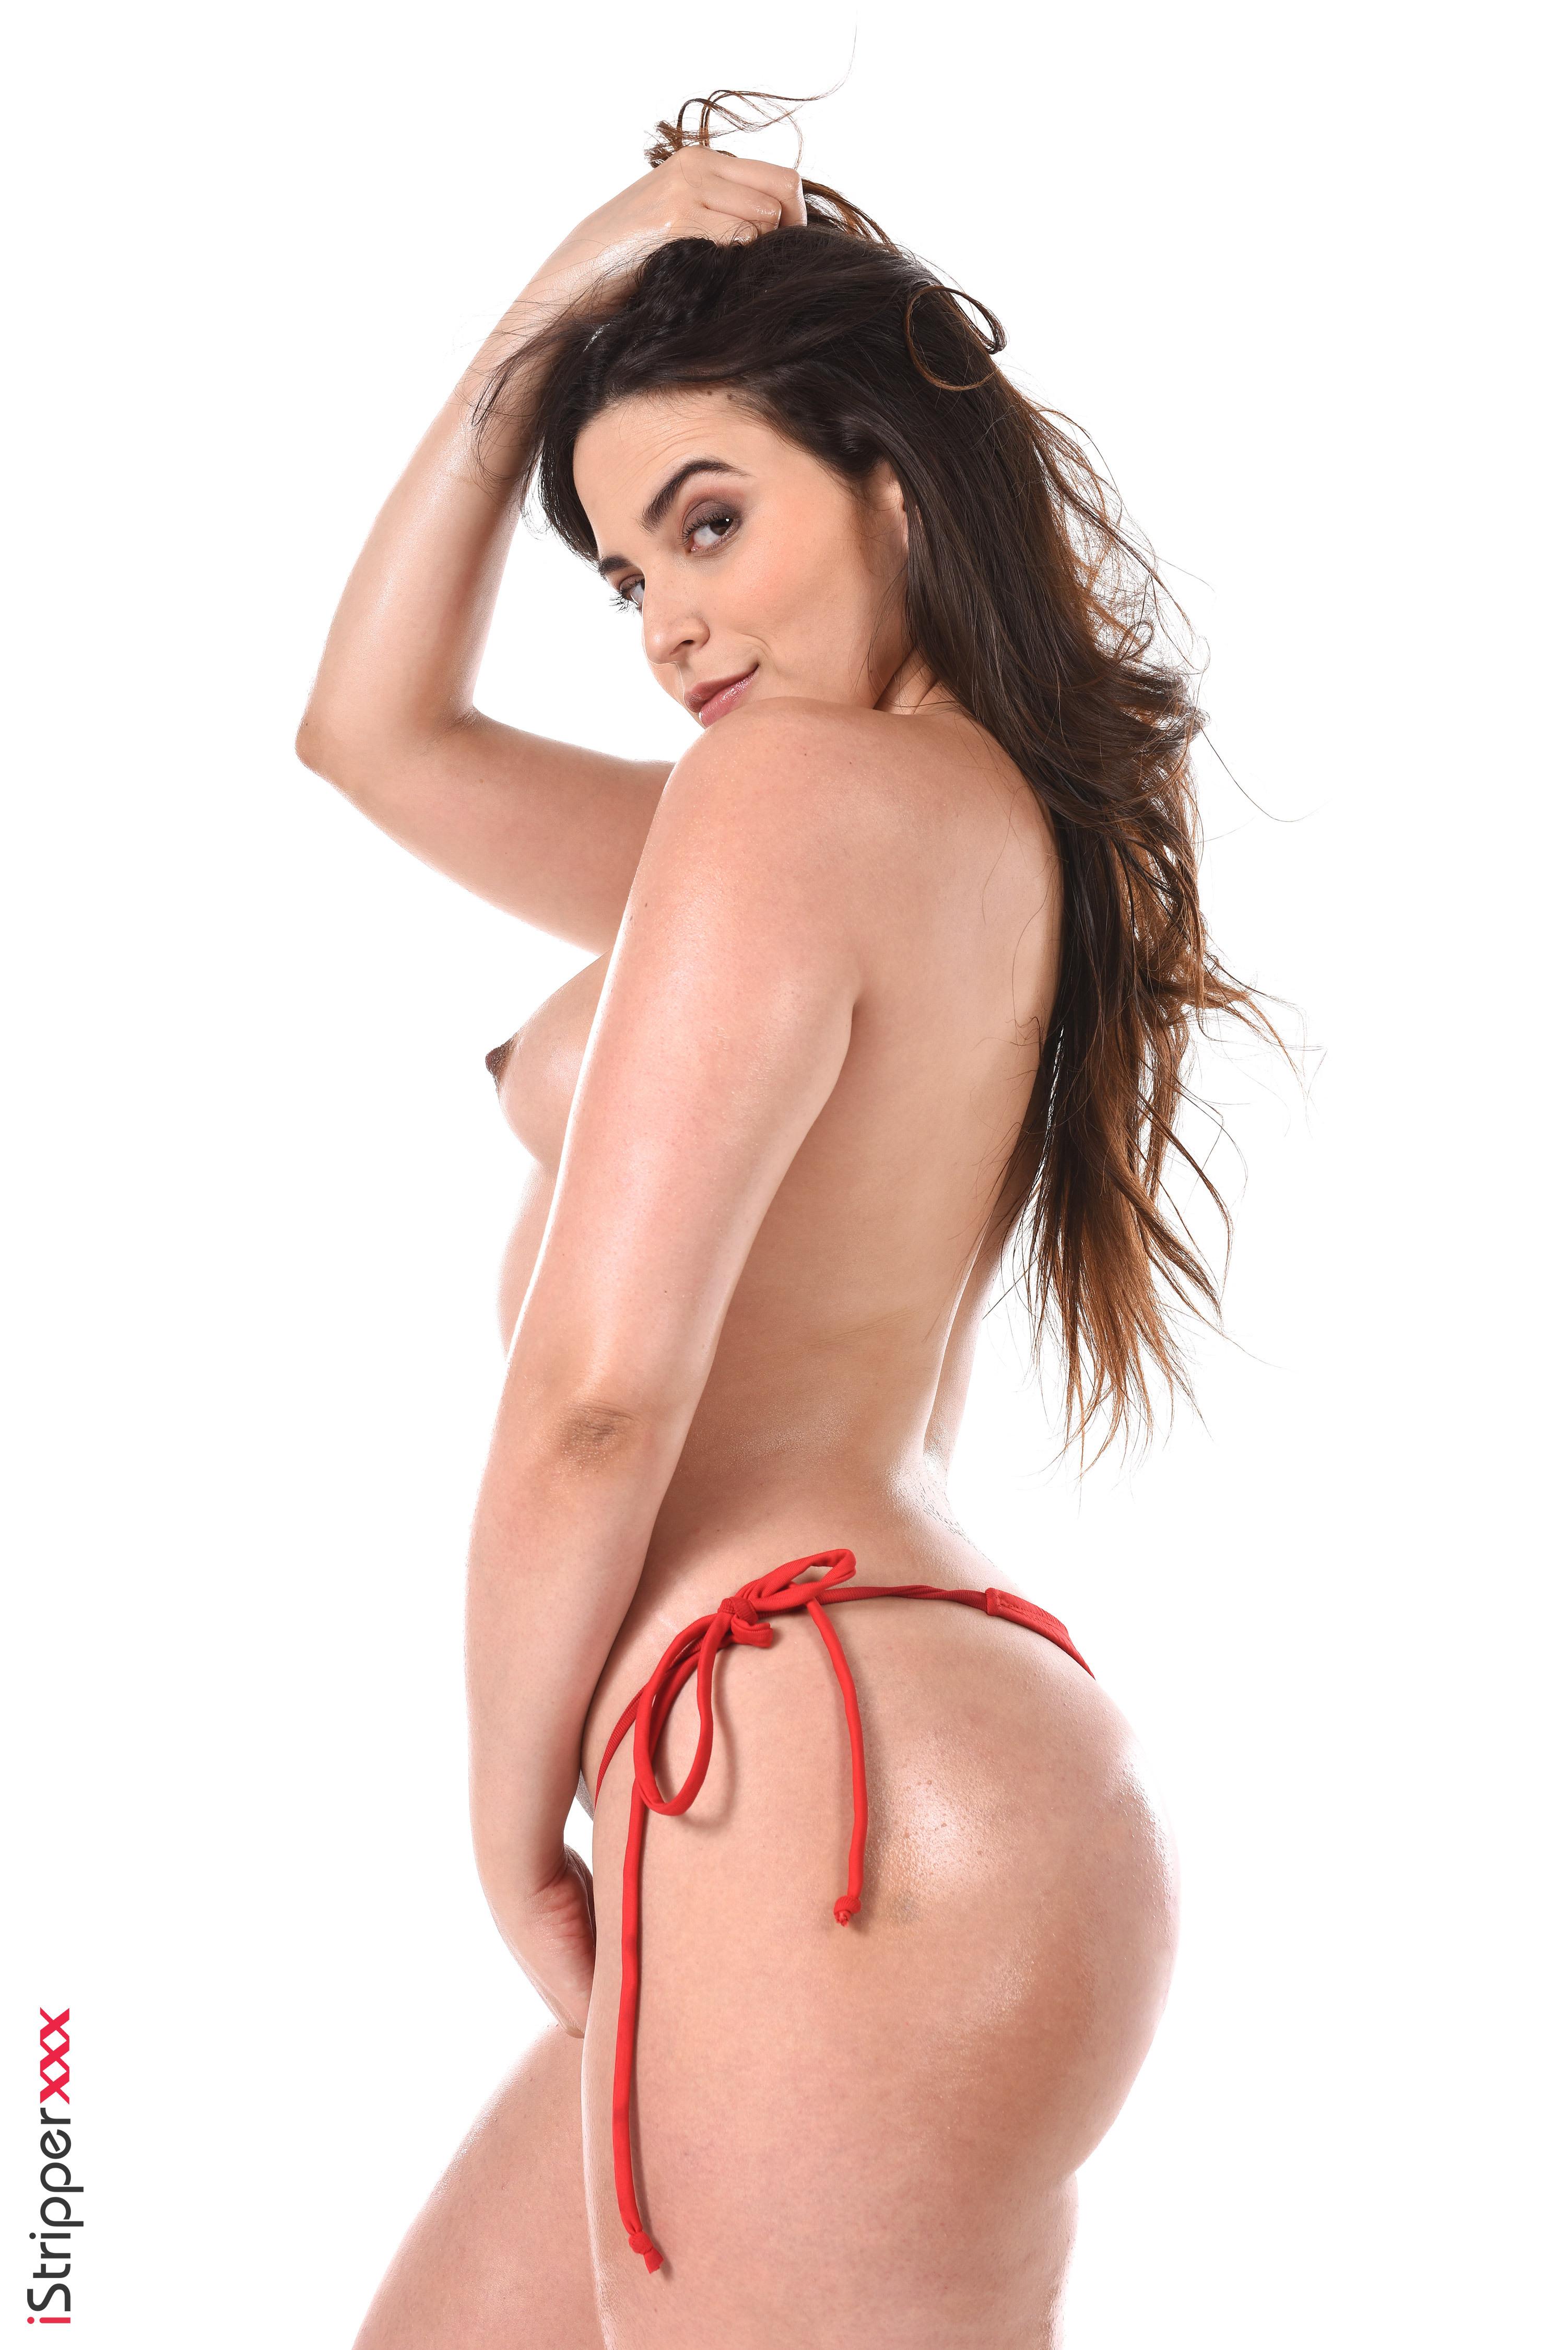 naked girl background